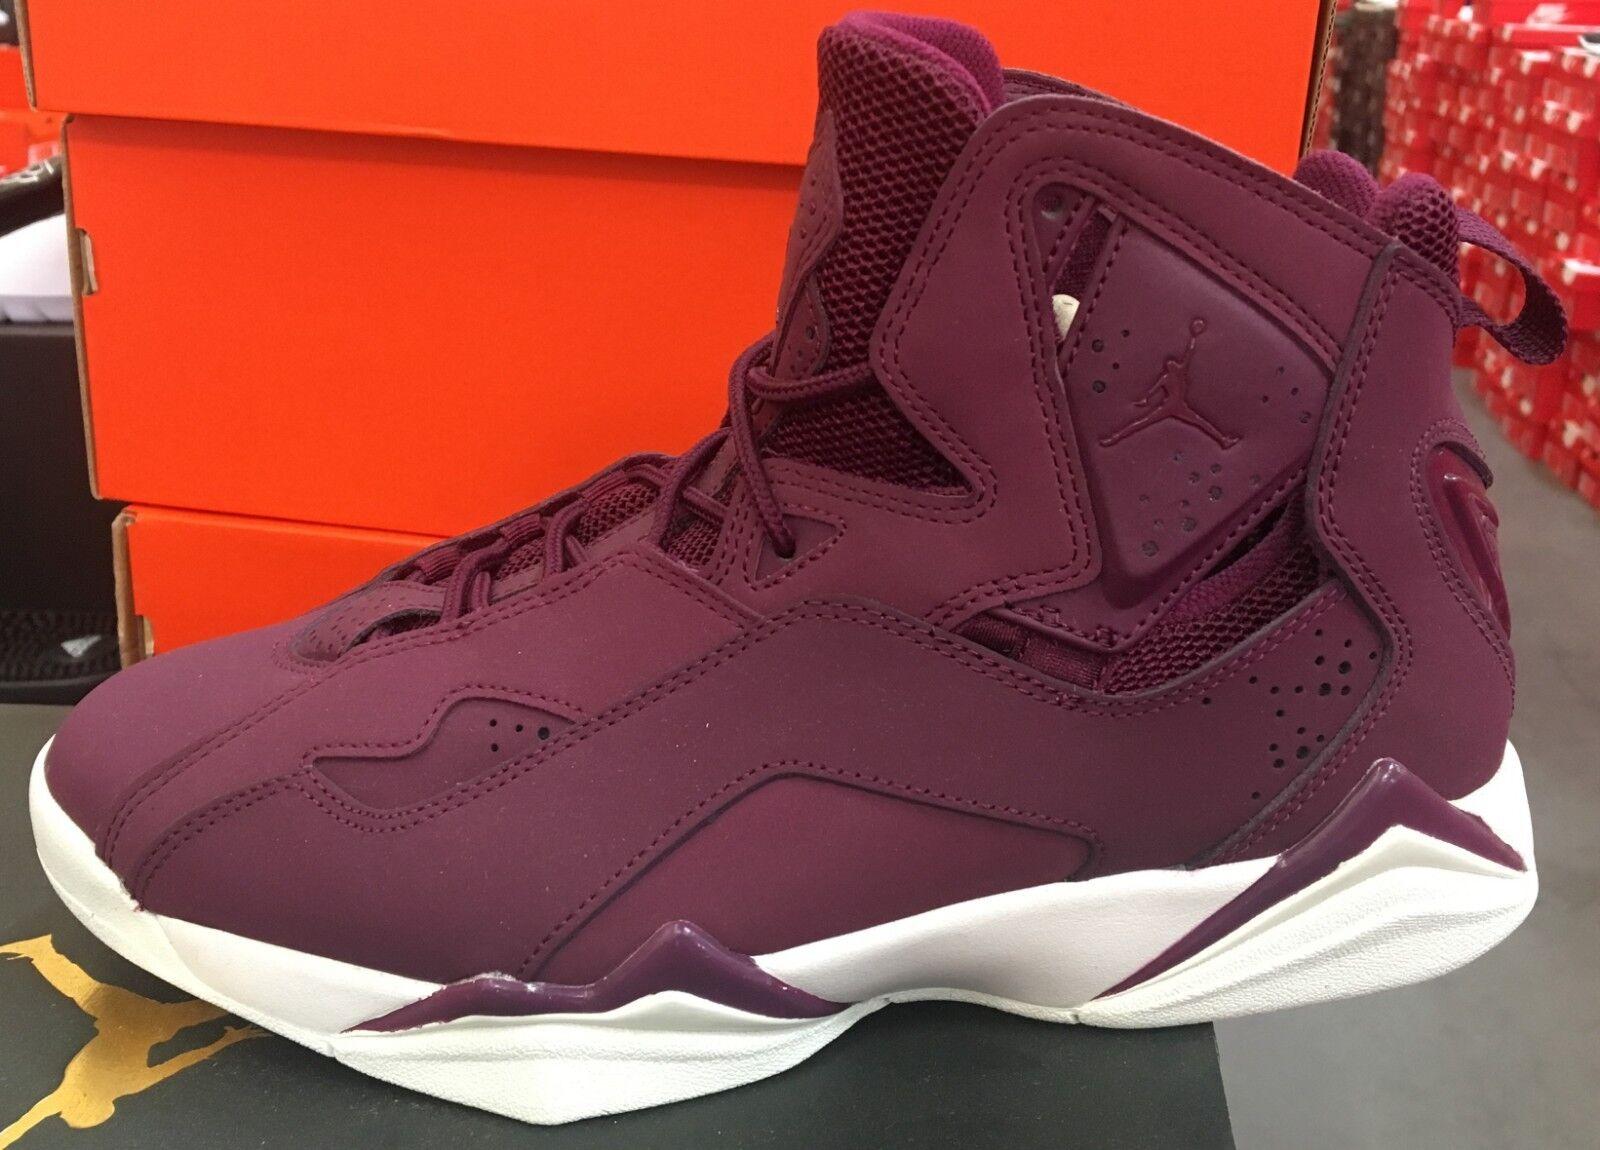 5d96cb368df Jordan True Flight Men s Basketball shoes Bordeaux Sail White 342964 625 K  Wine zdehnc8750-Athletic Shoes